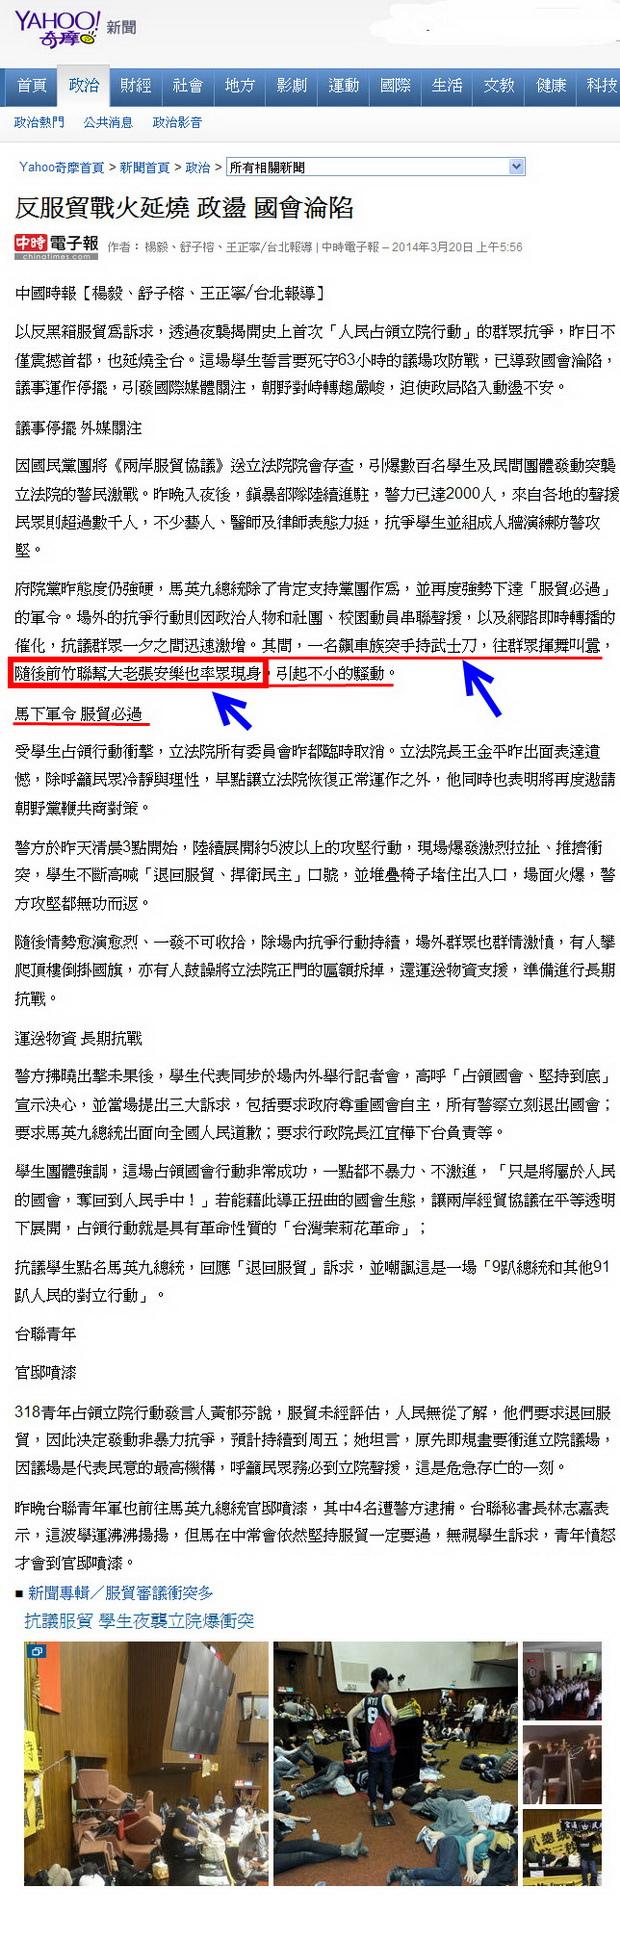 反服貿戰火延燒 政盪 國會淪陷-2014.03.20.jpg